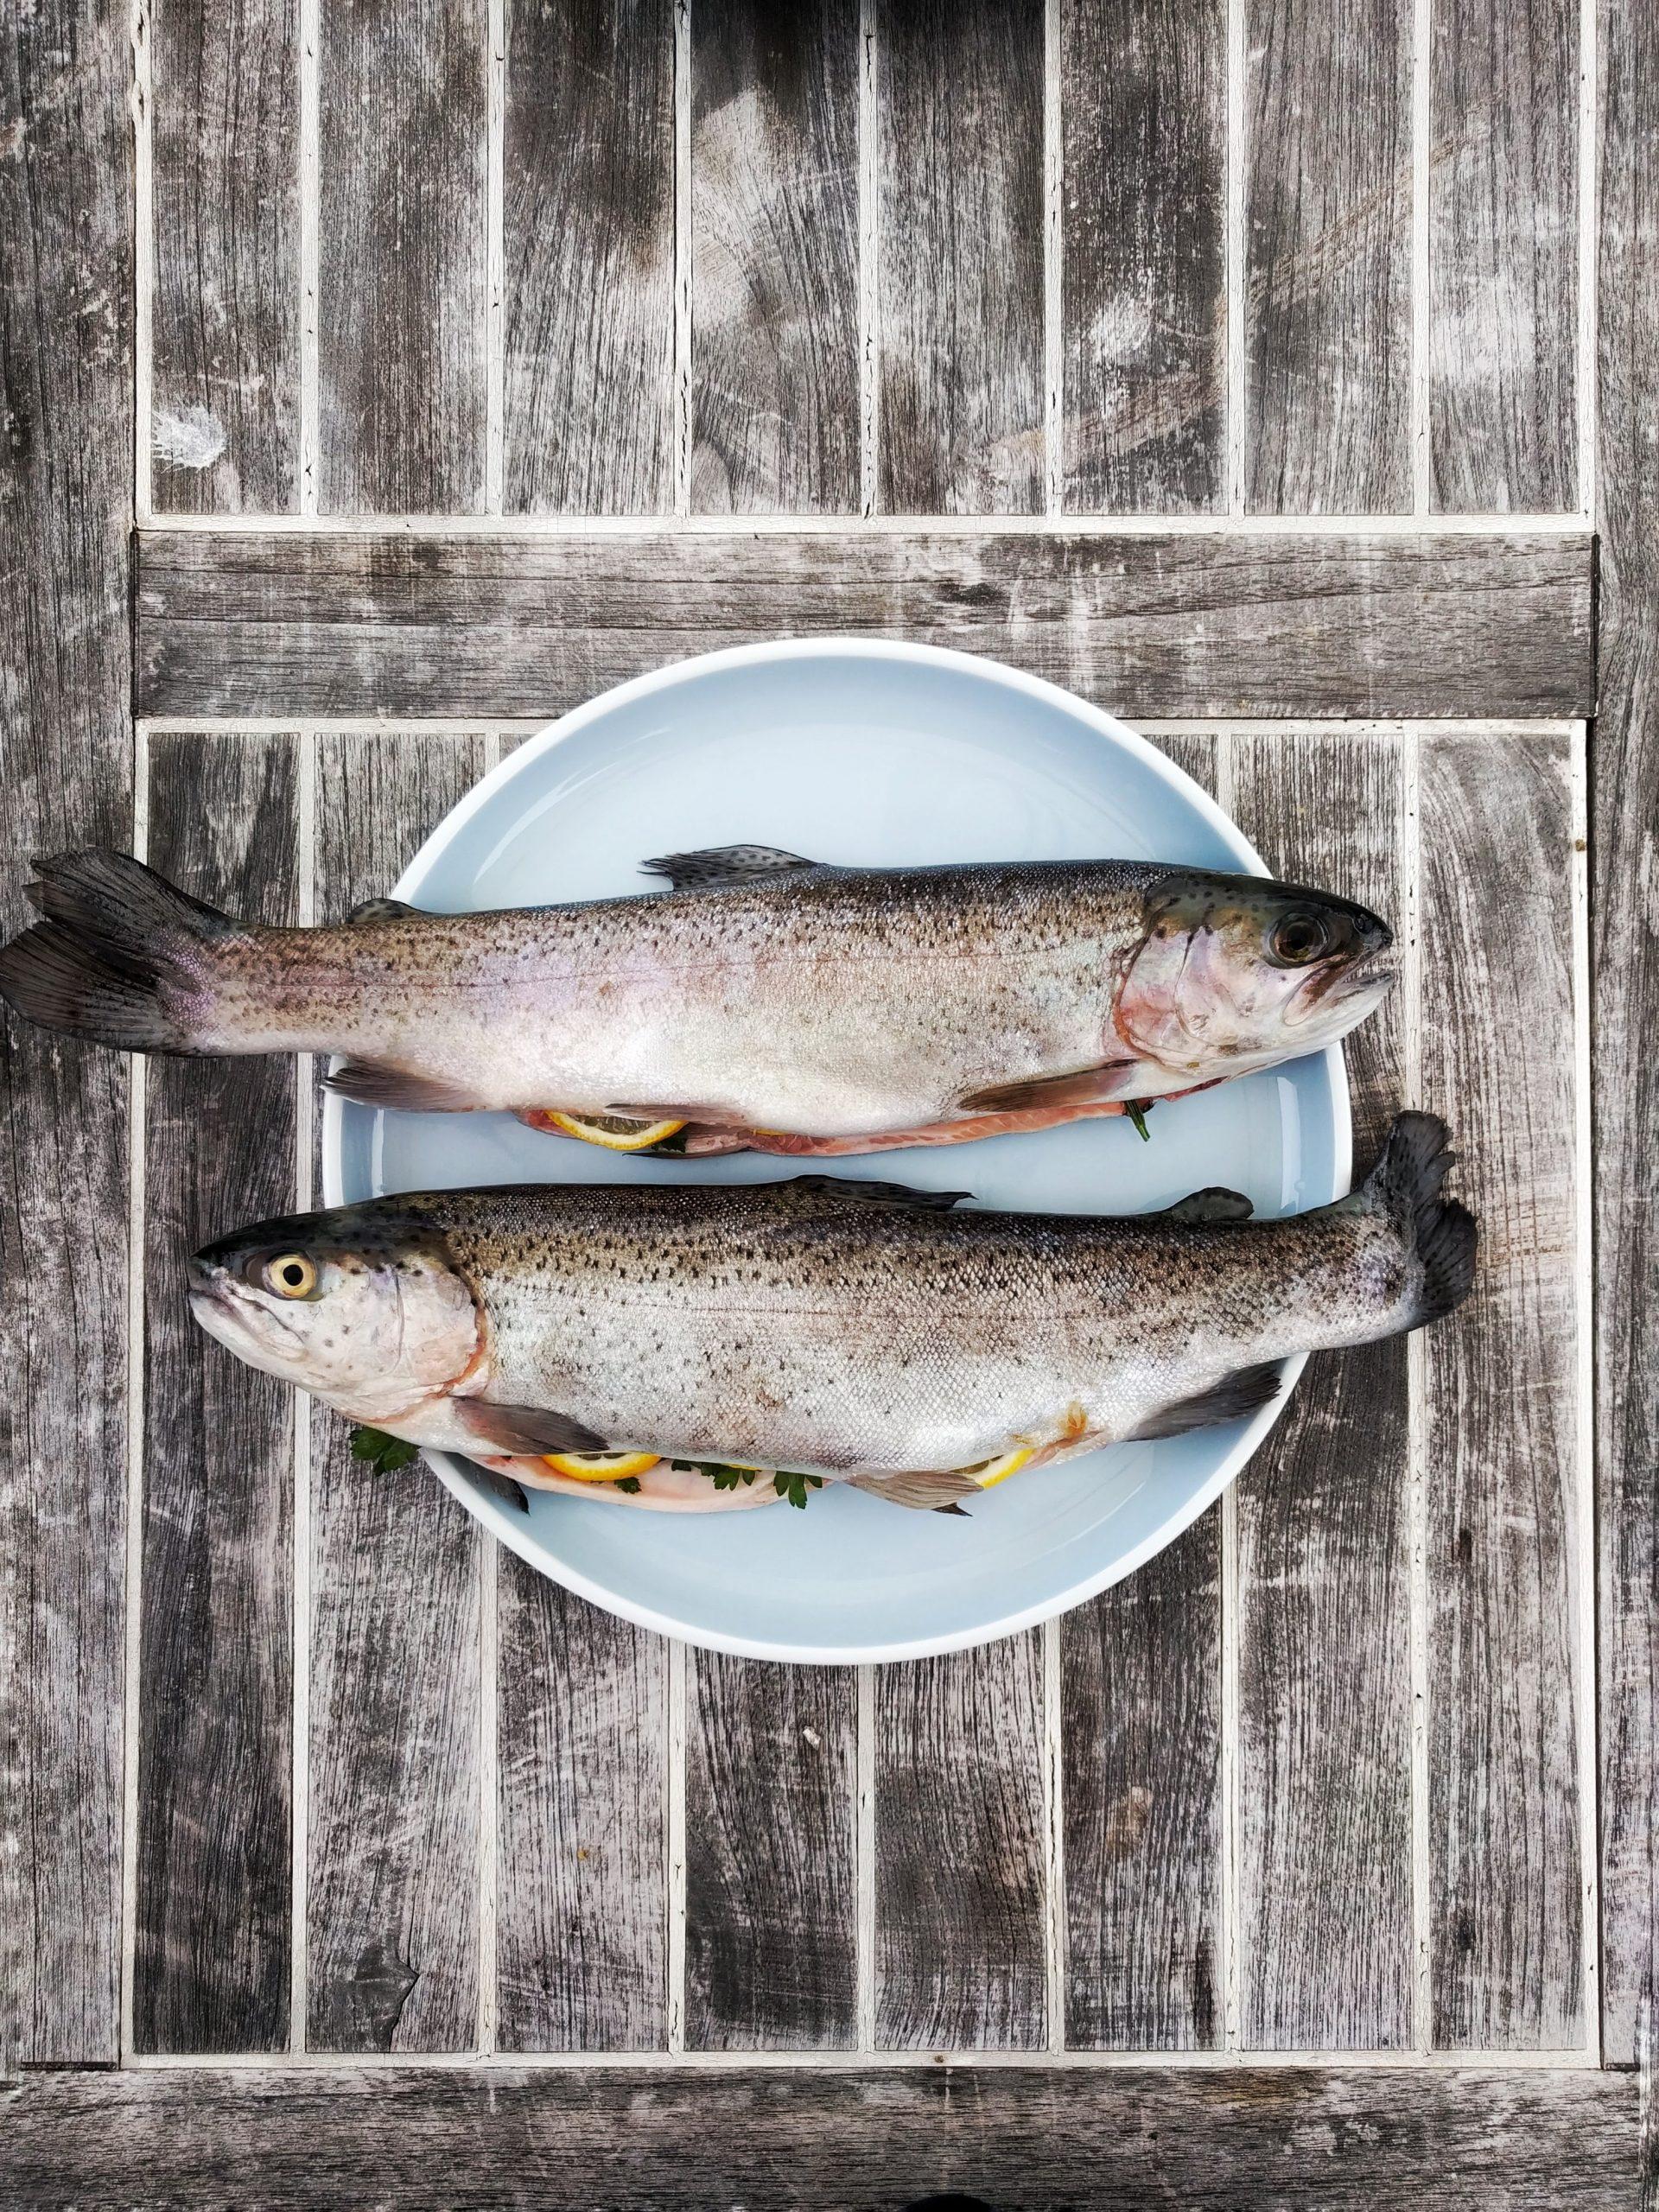 ANPC le recomandă românilor să fie atenție la cumpărăturile dinainte de Florii. Atenție sporită la produsele din pește